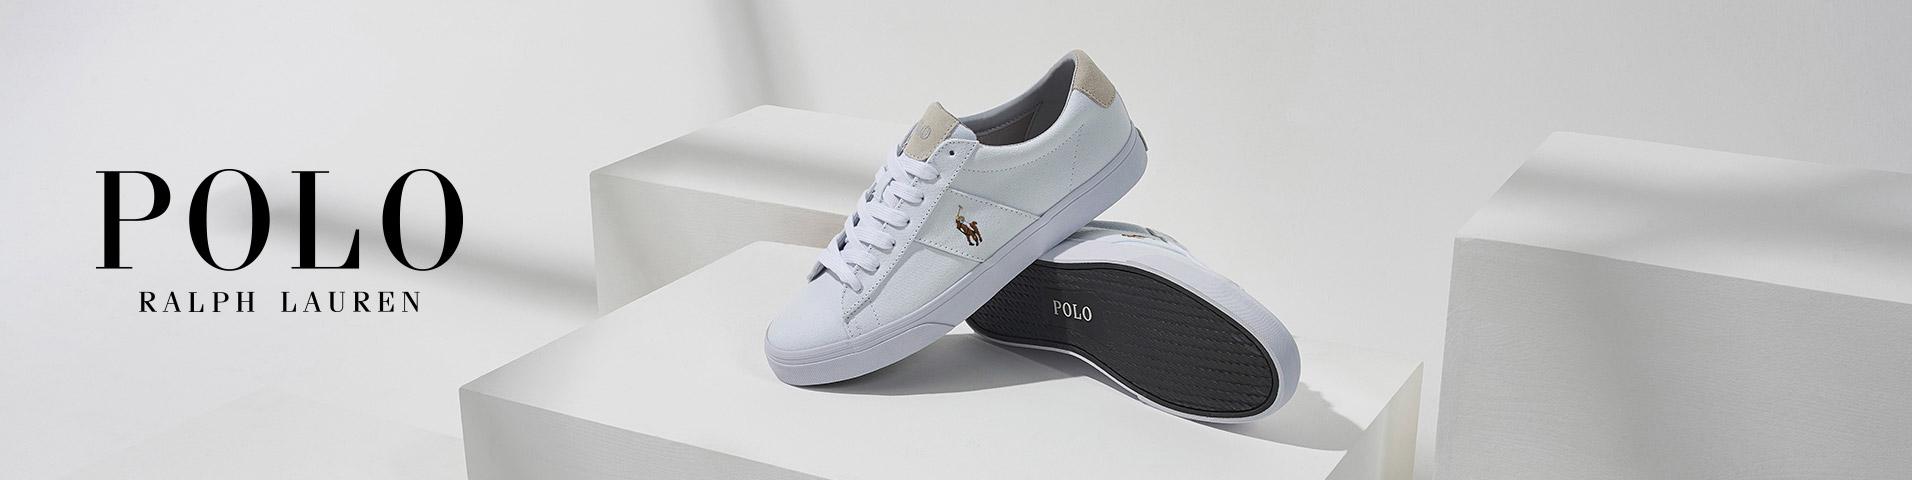 NoirLarge Polo Ralph Choix Ligne Sur Chaussures Homme Lauren En rxdBCoe